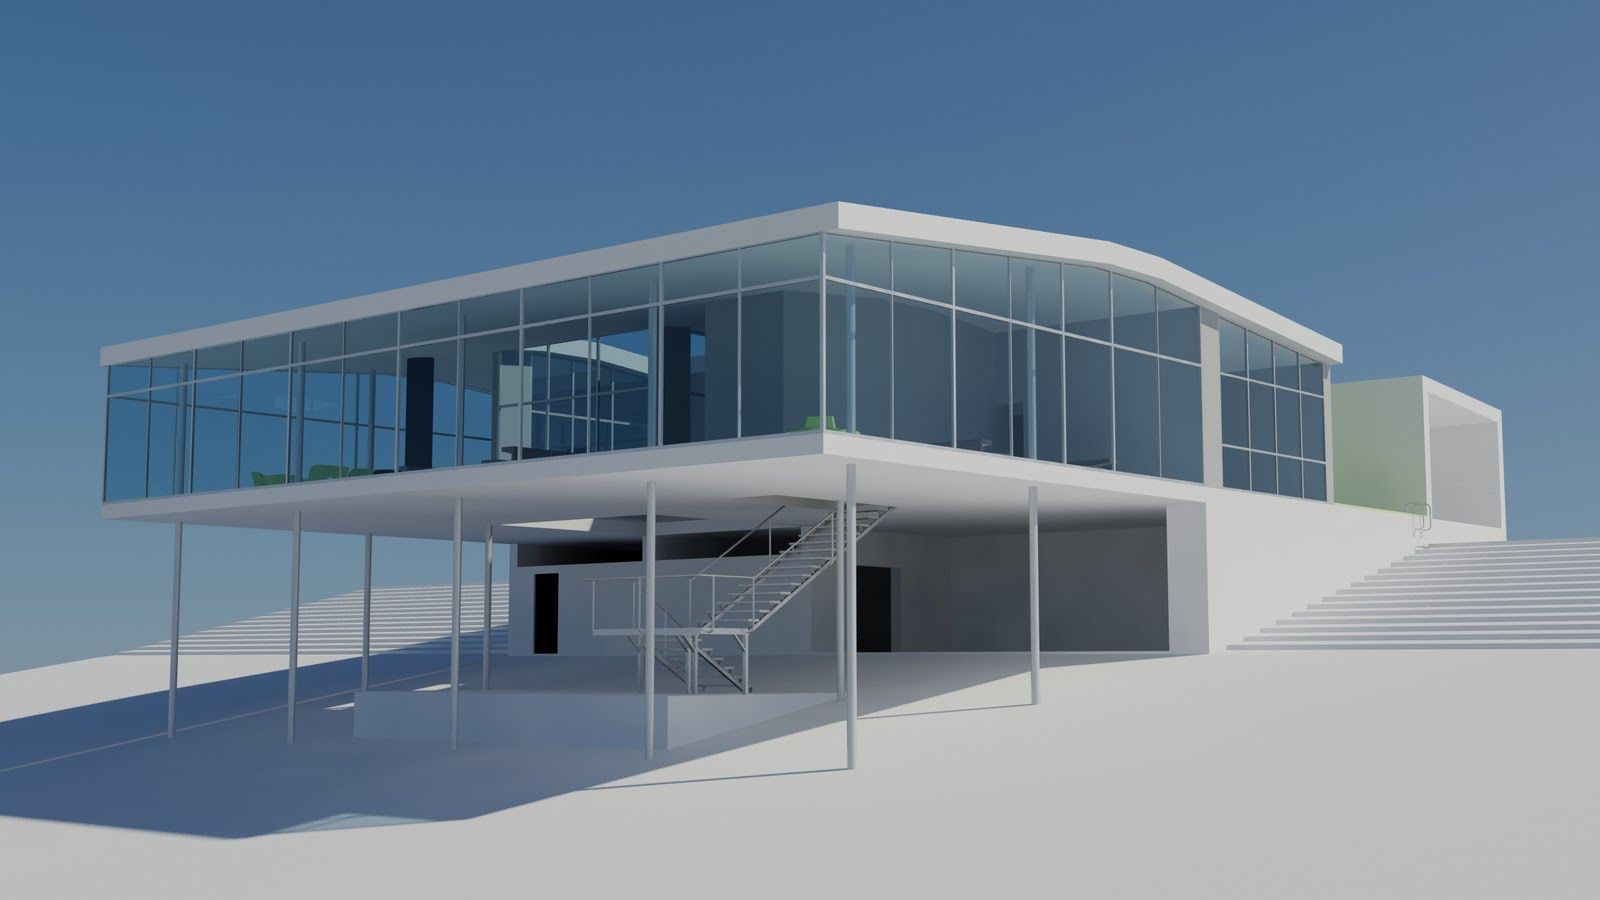 Casa de Vidrio - Lina Bo Bardi | AutoCAD, Facades and Architecture